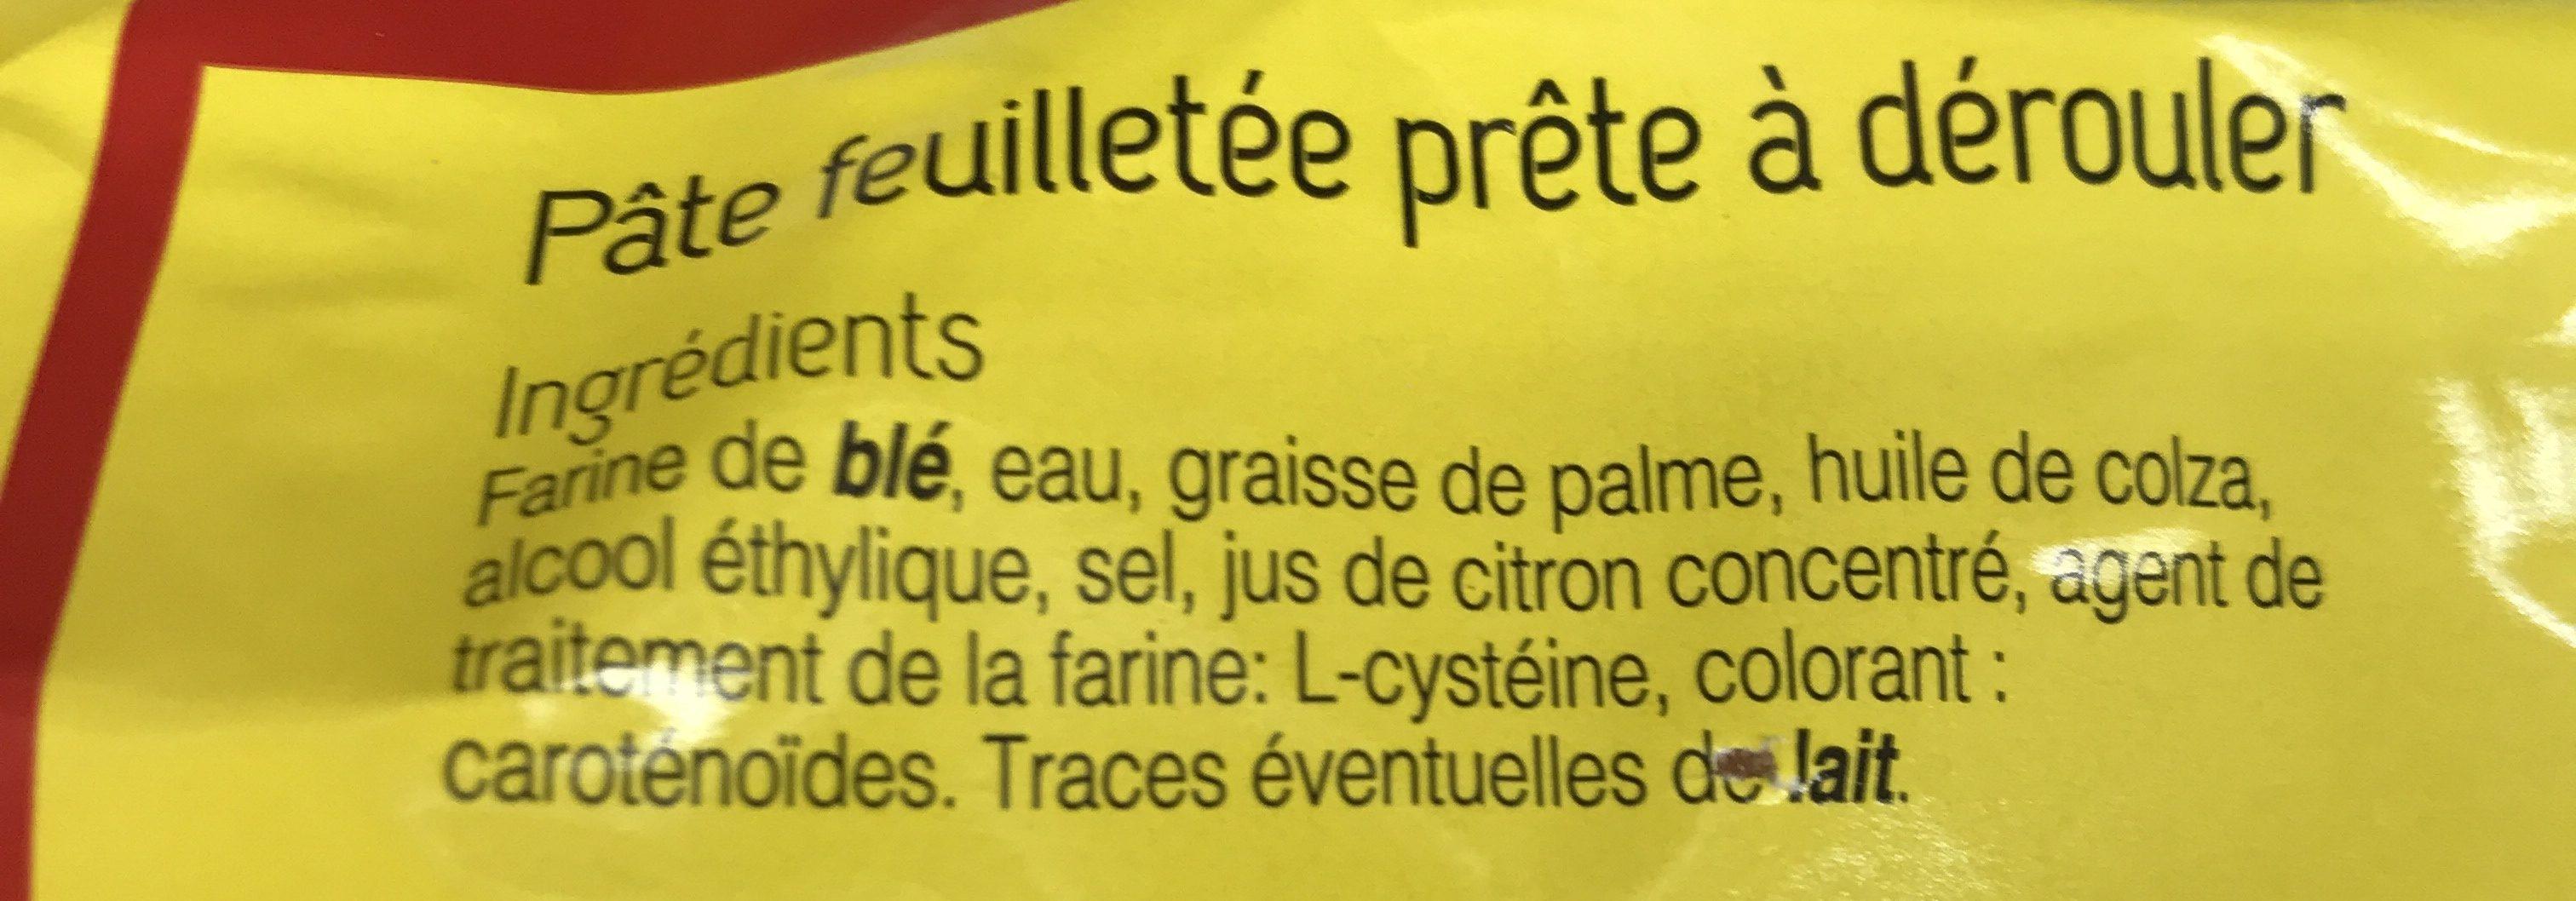 Pate feuillete - Ingrédients - fr